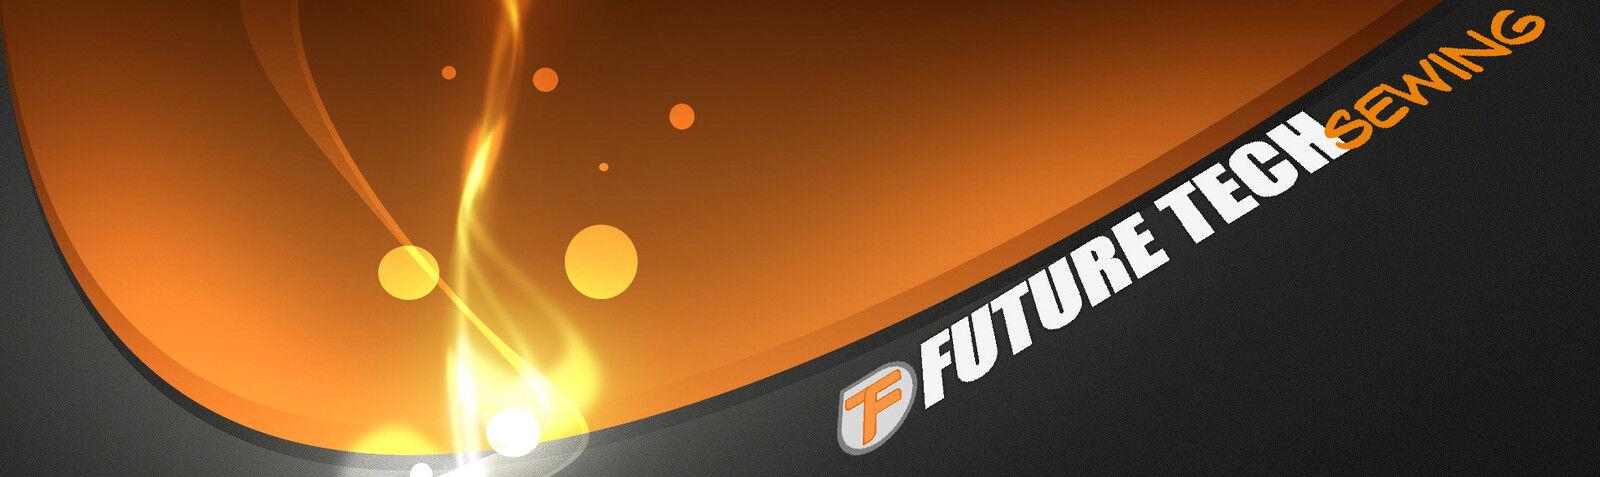 futuretechsewingparts